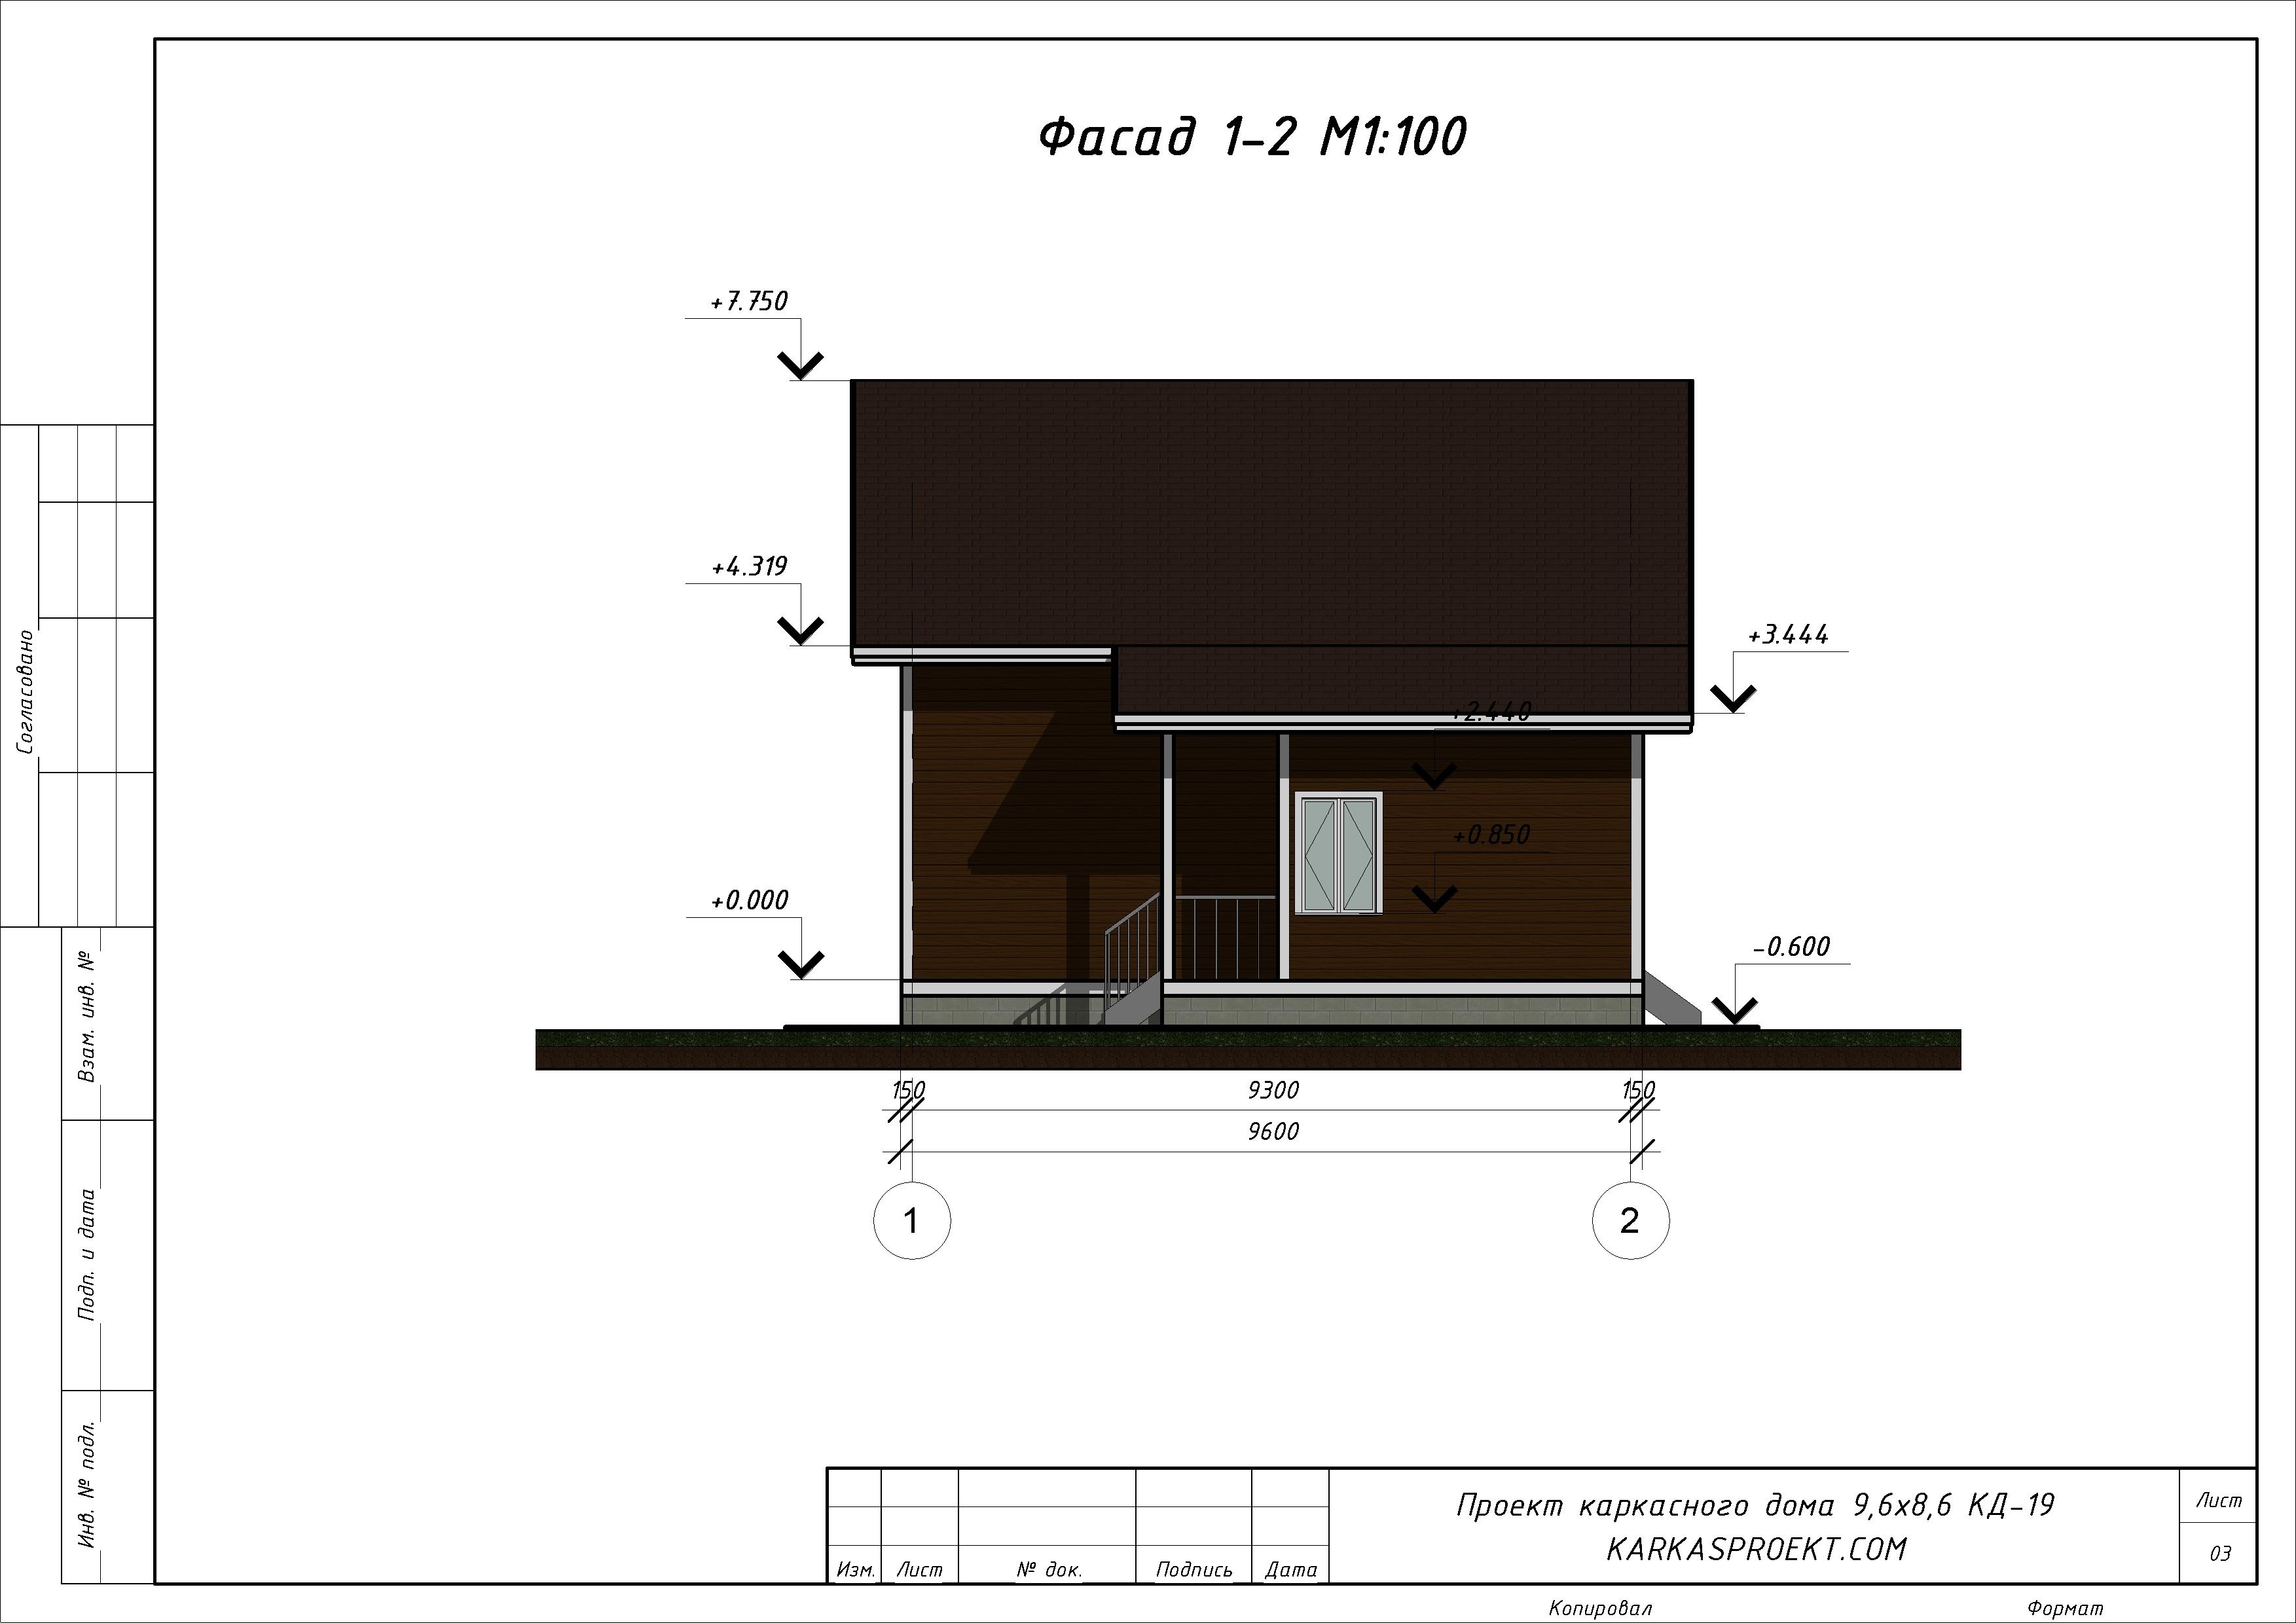 КД-19 - Фасад 1-2